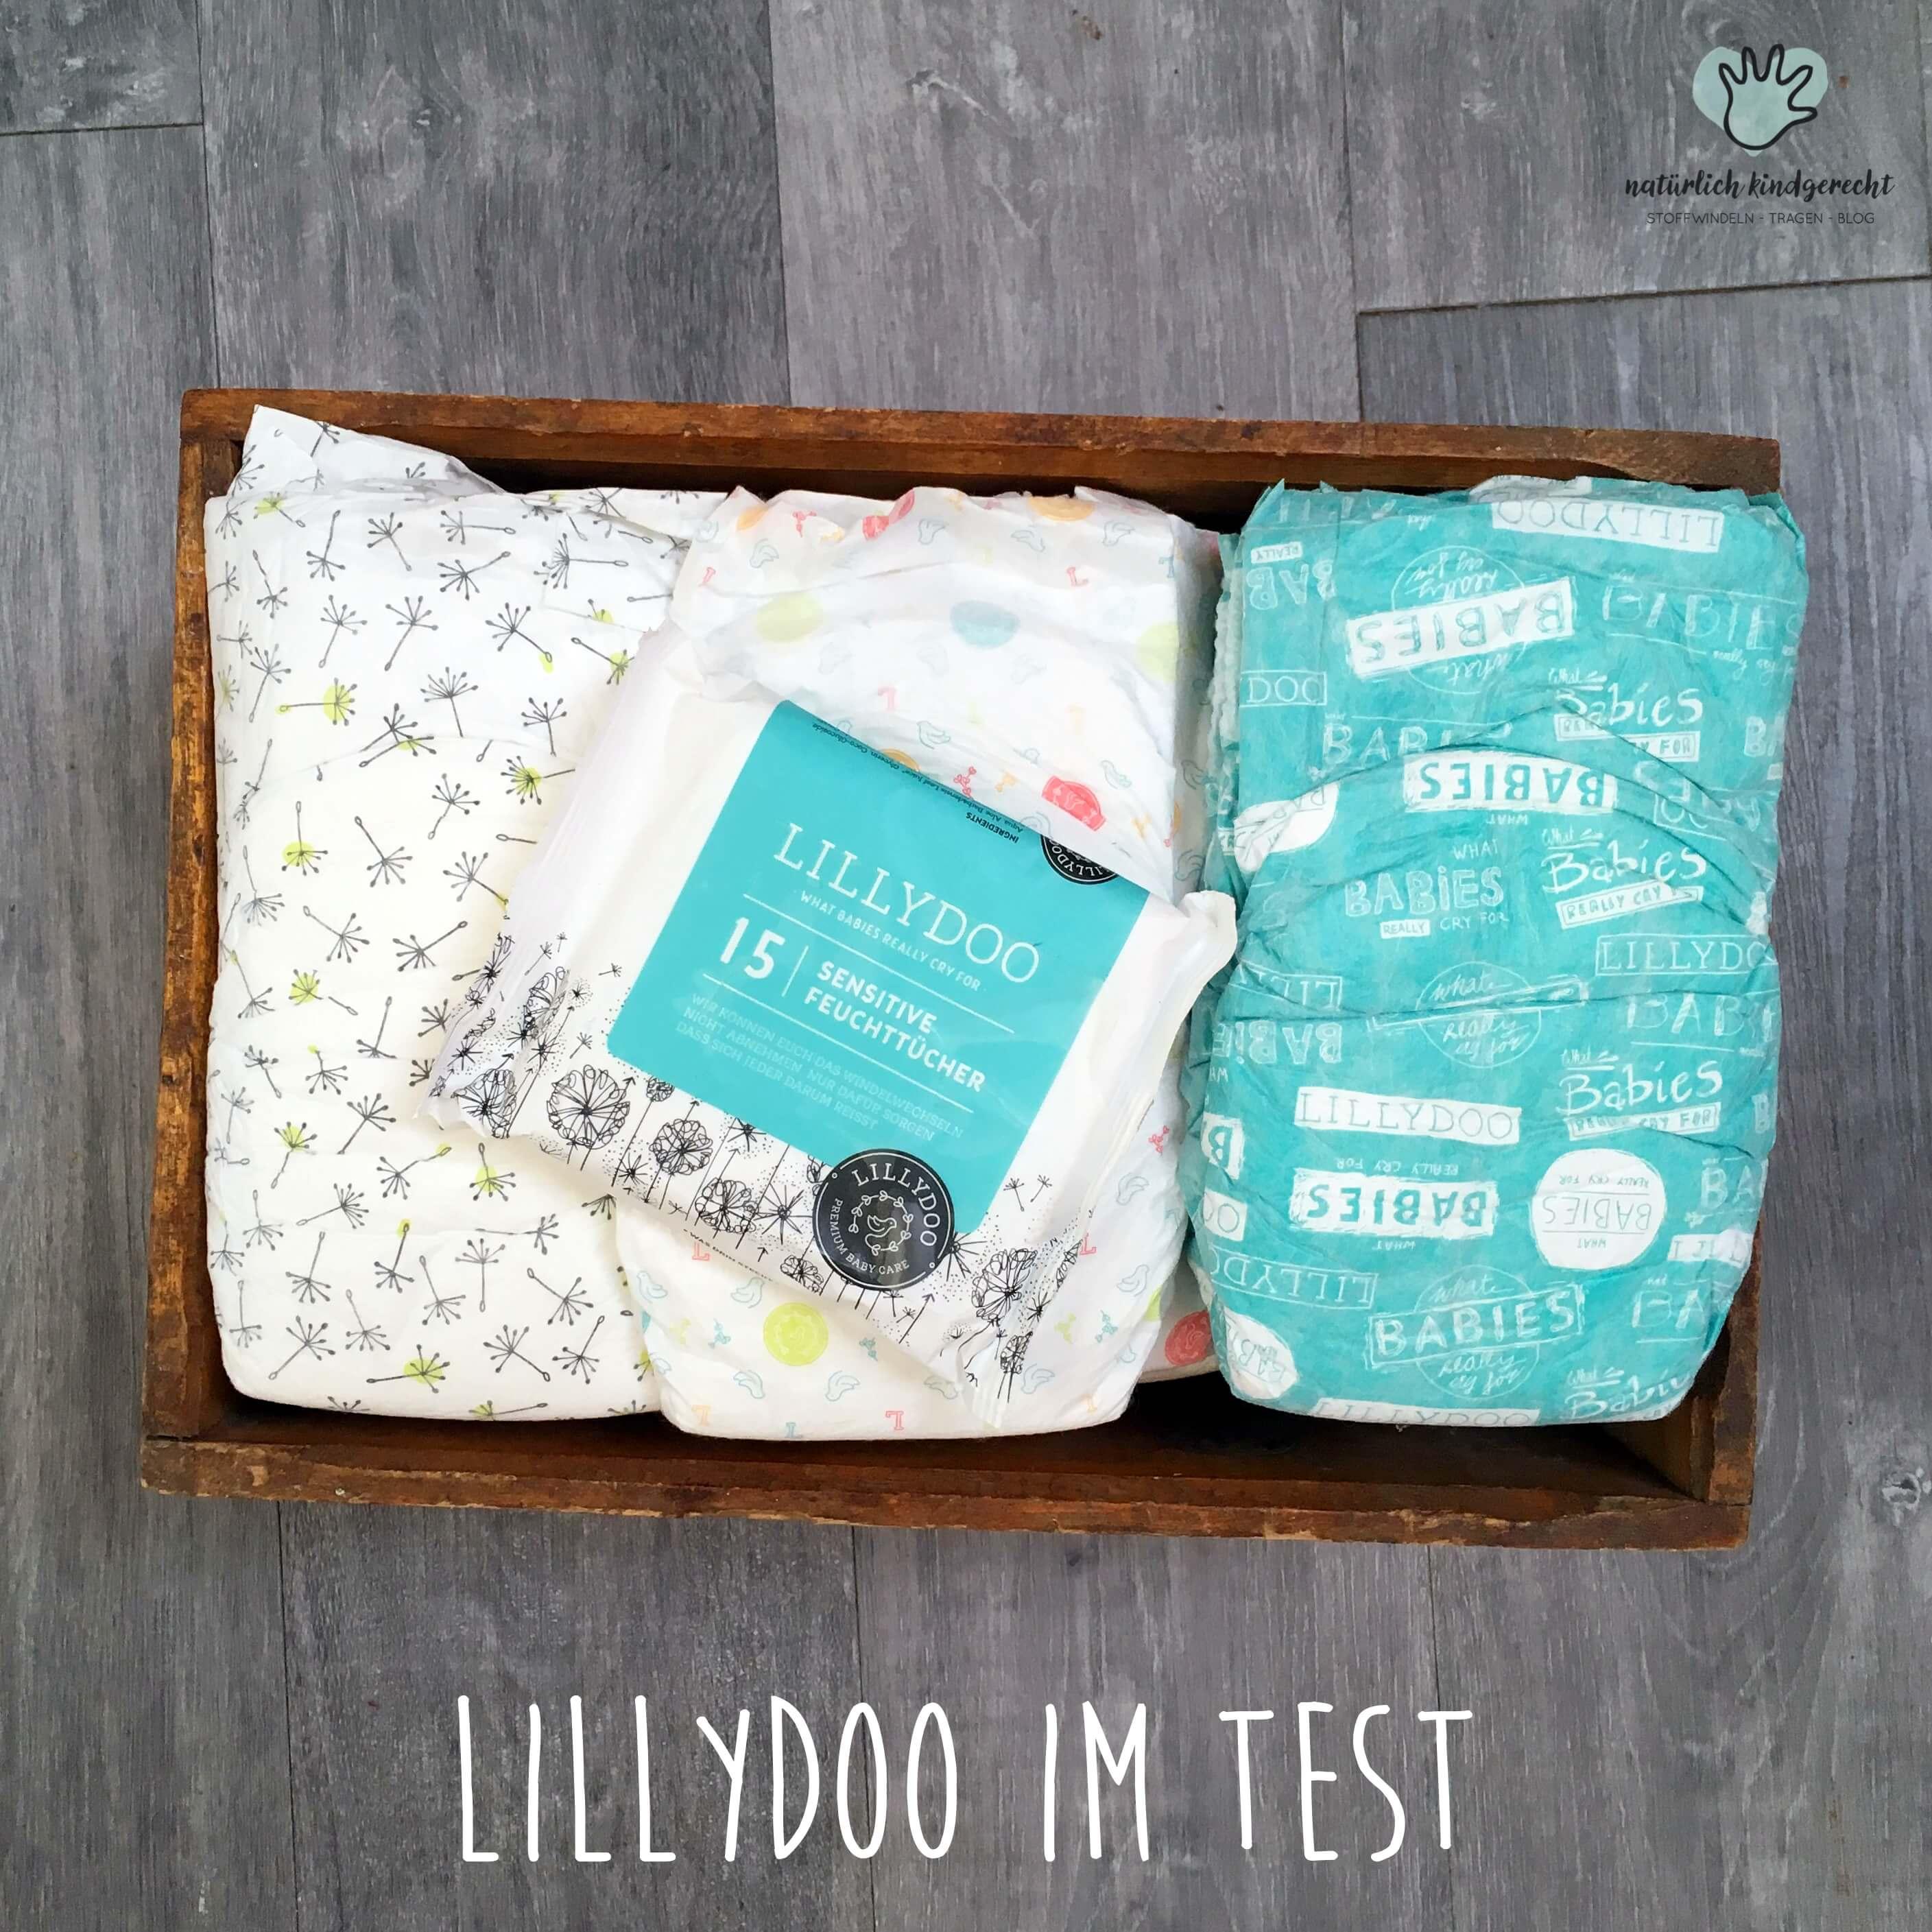 Lillydoo Windel Vergleich Ökowindel Testbericht Meinung Biowindel Moltex Lillydoo Naty Bio Babby Babylove nature Eco Attitude